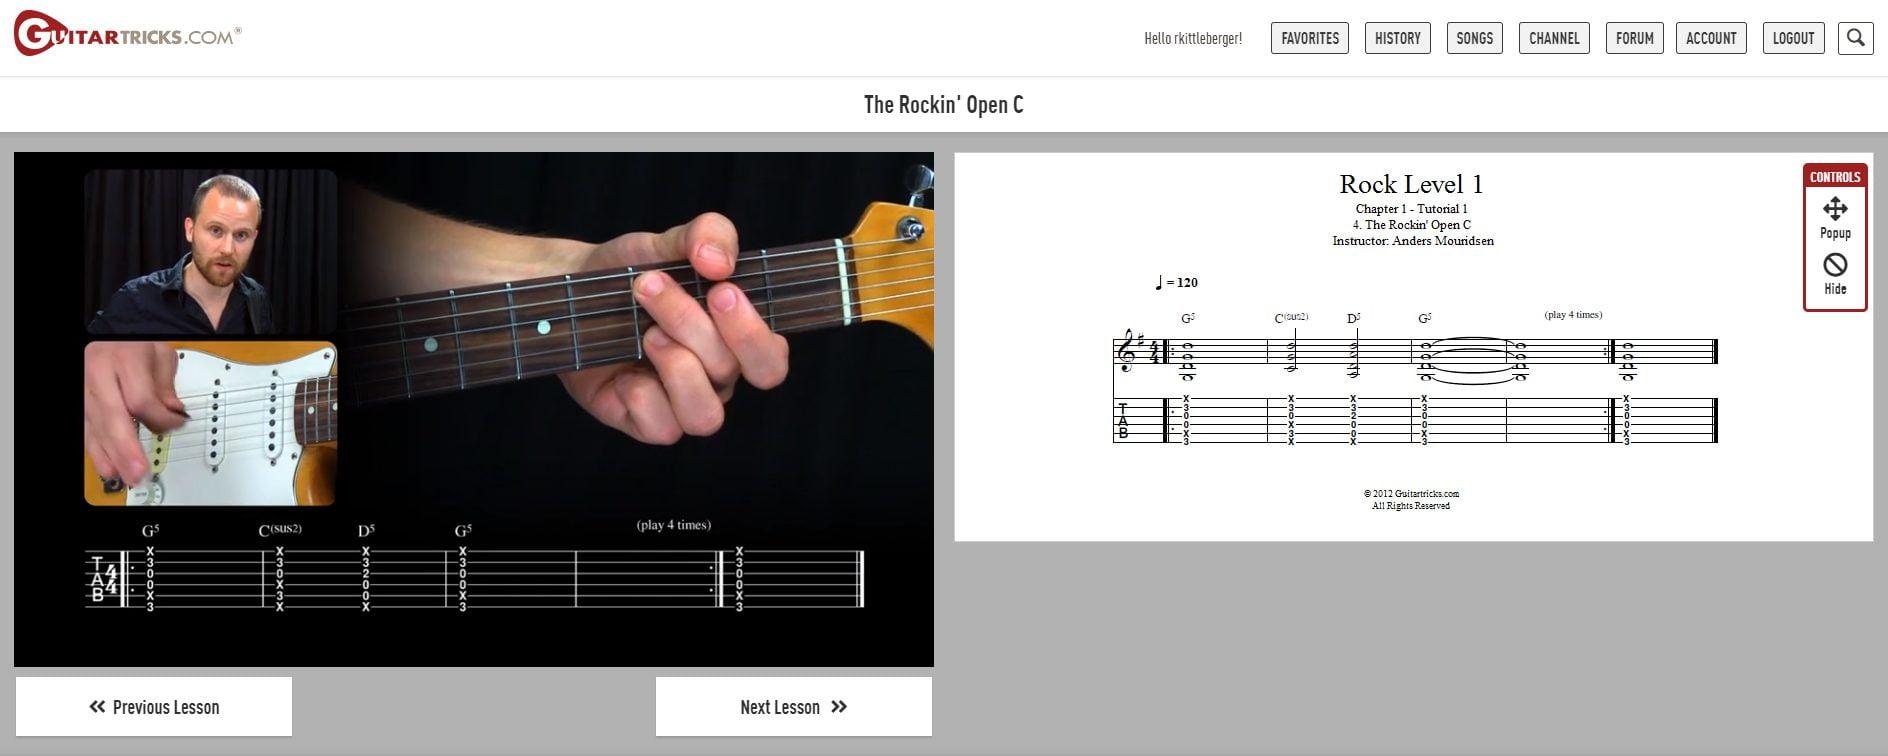 Rock Guitar Lesson in Guitar Tricks